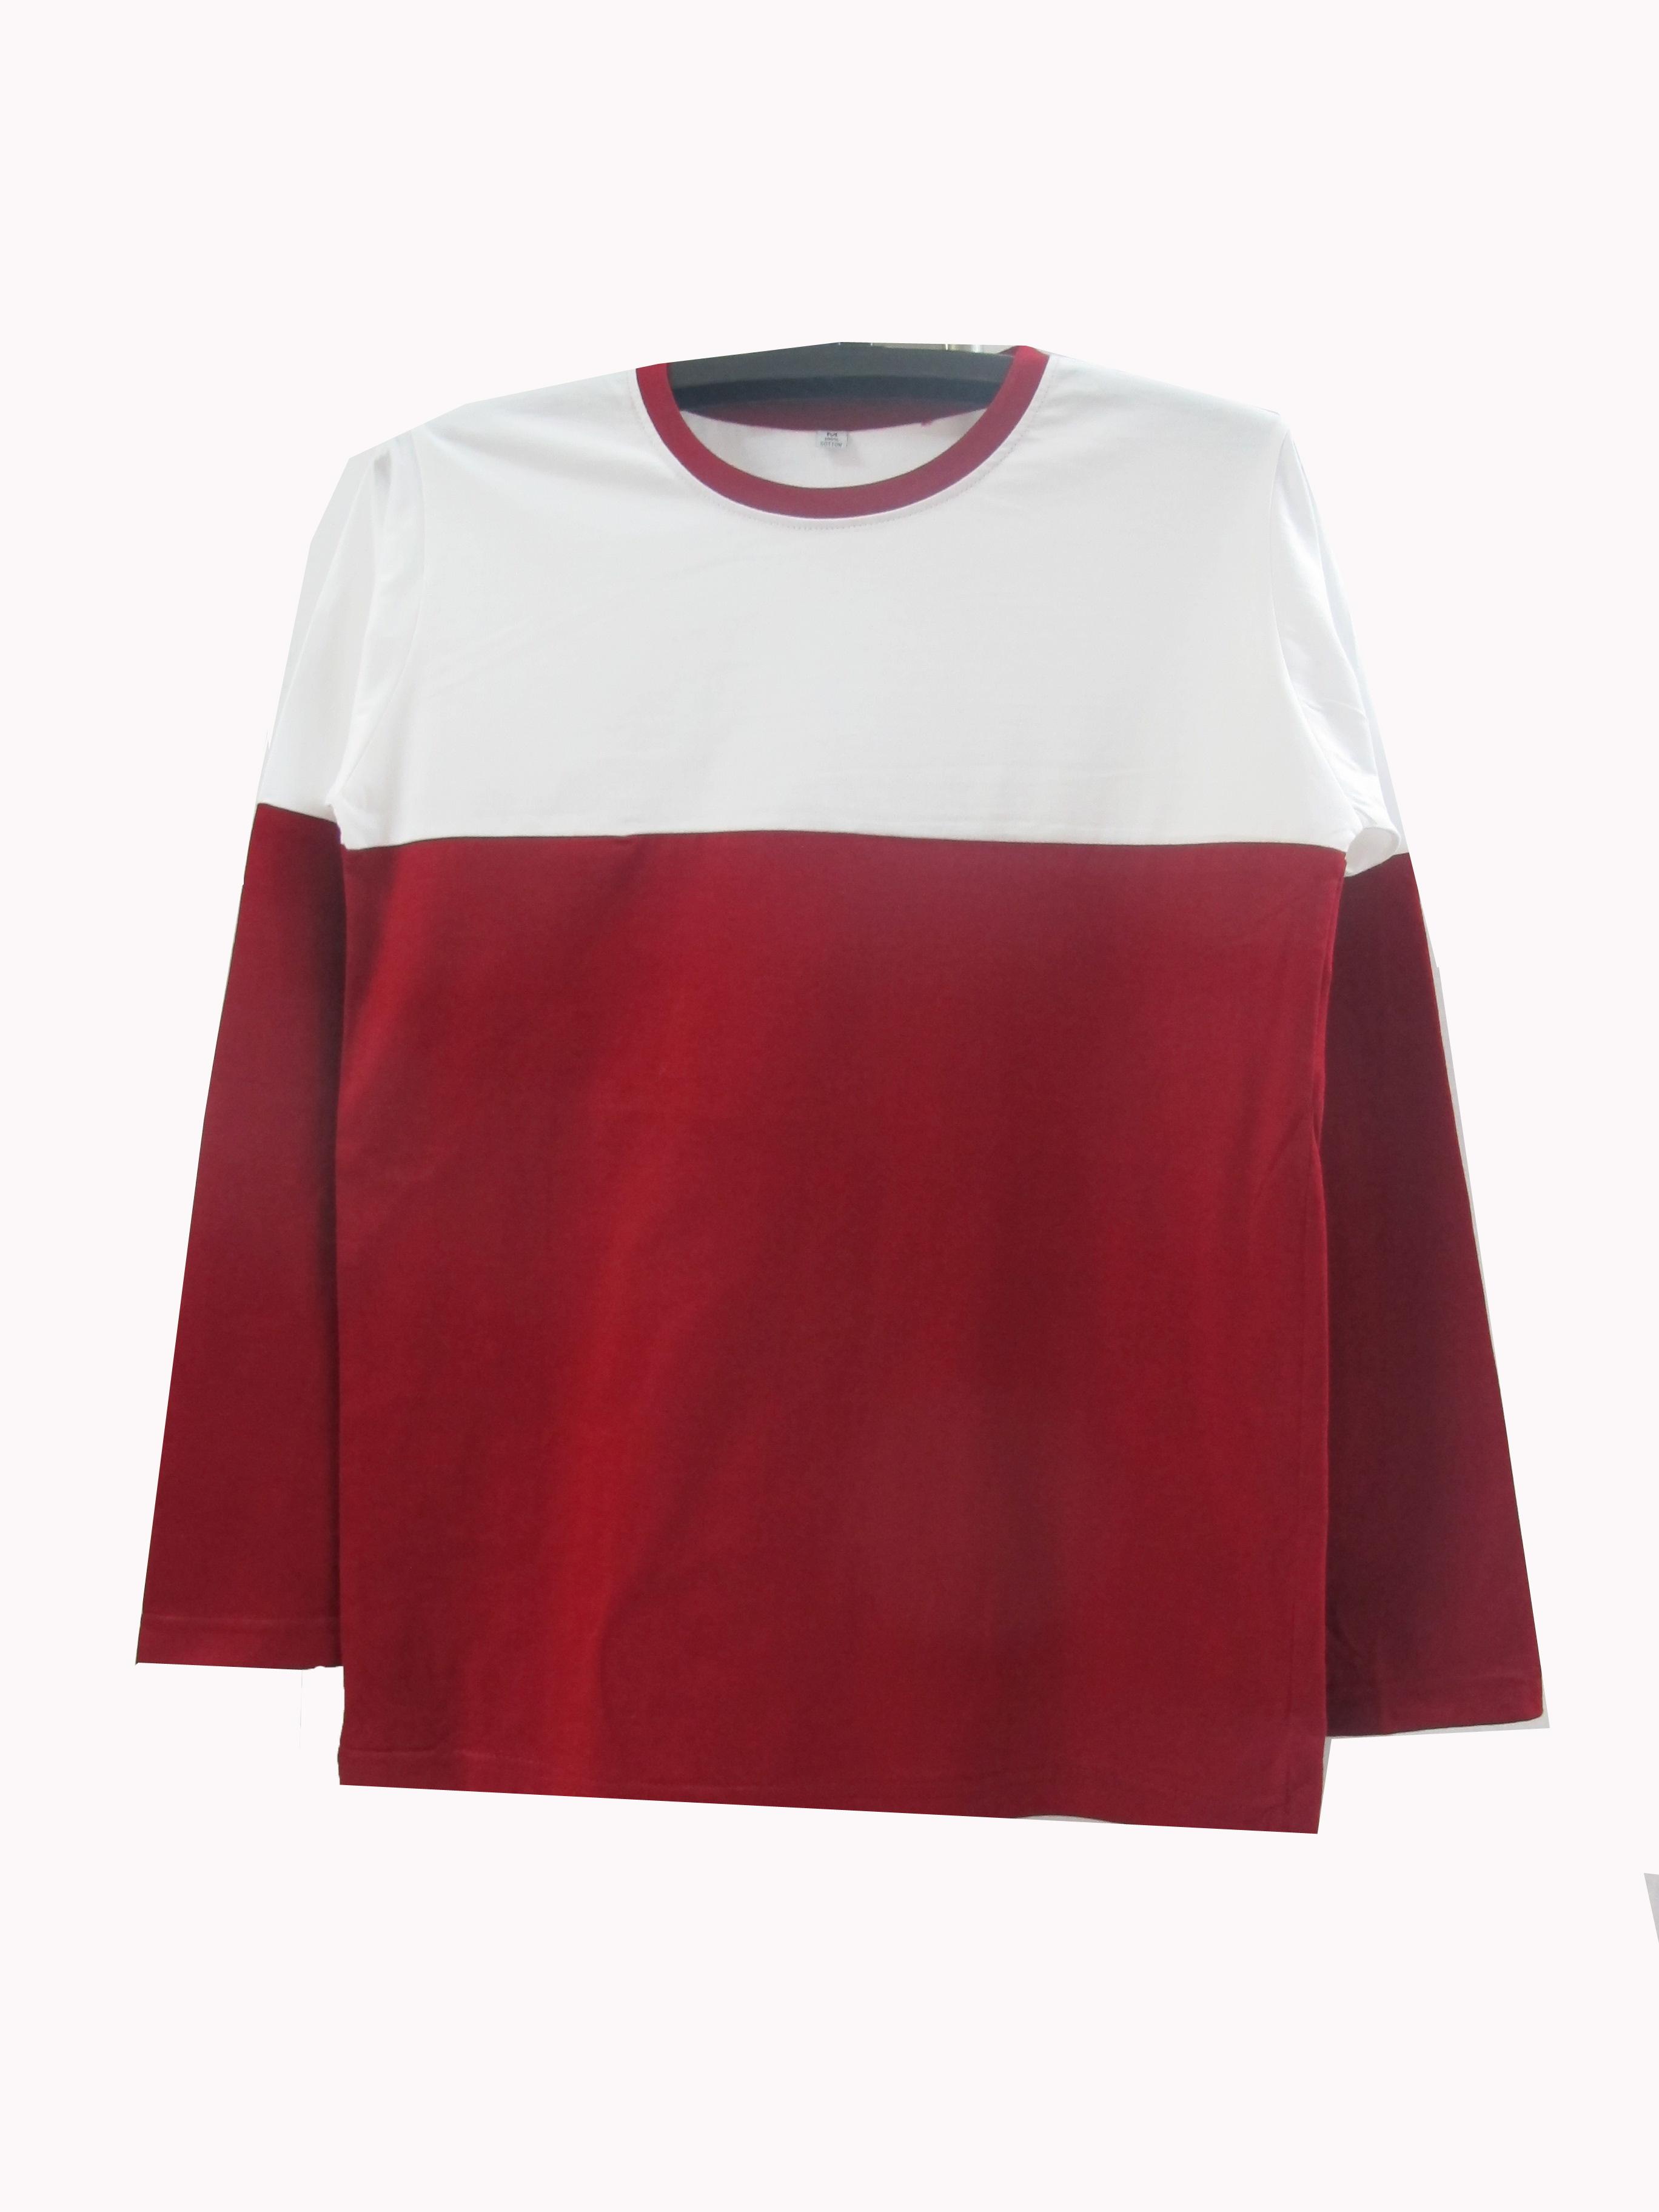 เสื้อแขนยาวตัดต่อข้างบนขาวข้างล่างสี สีเลือดหมู